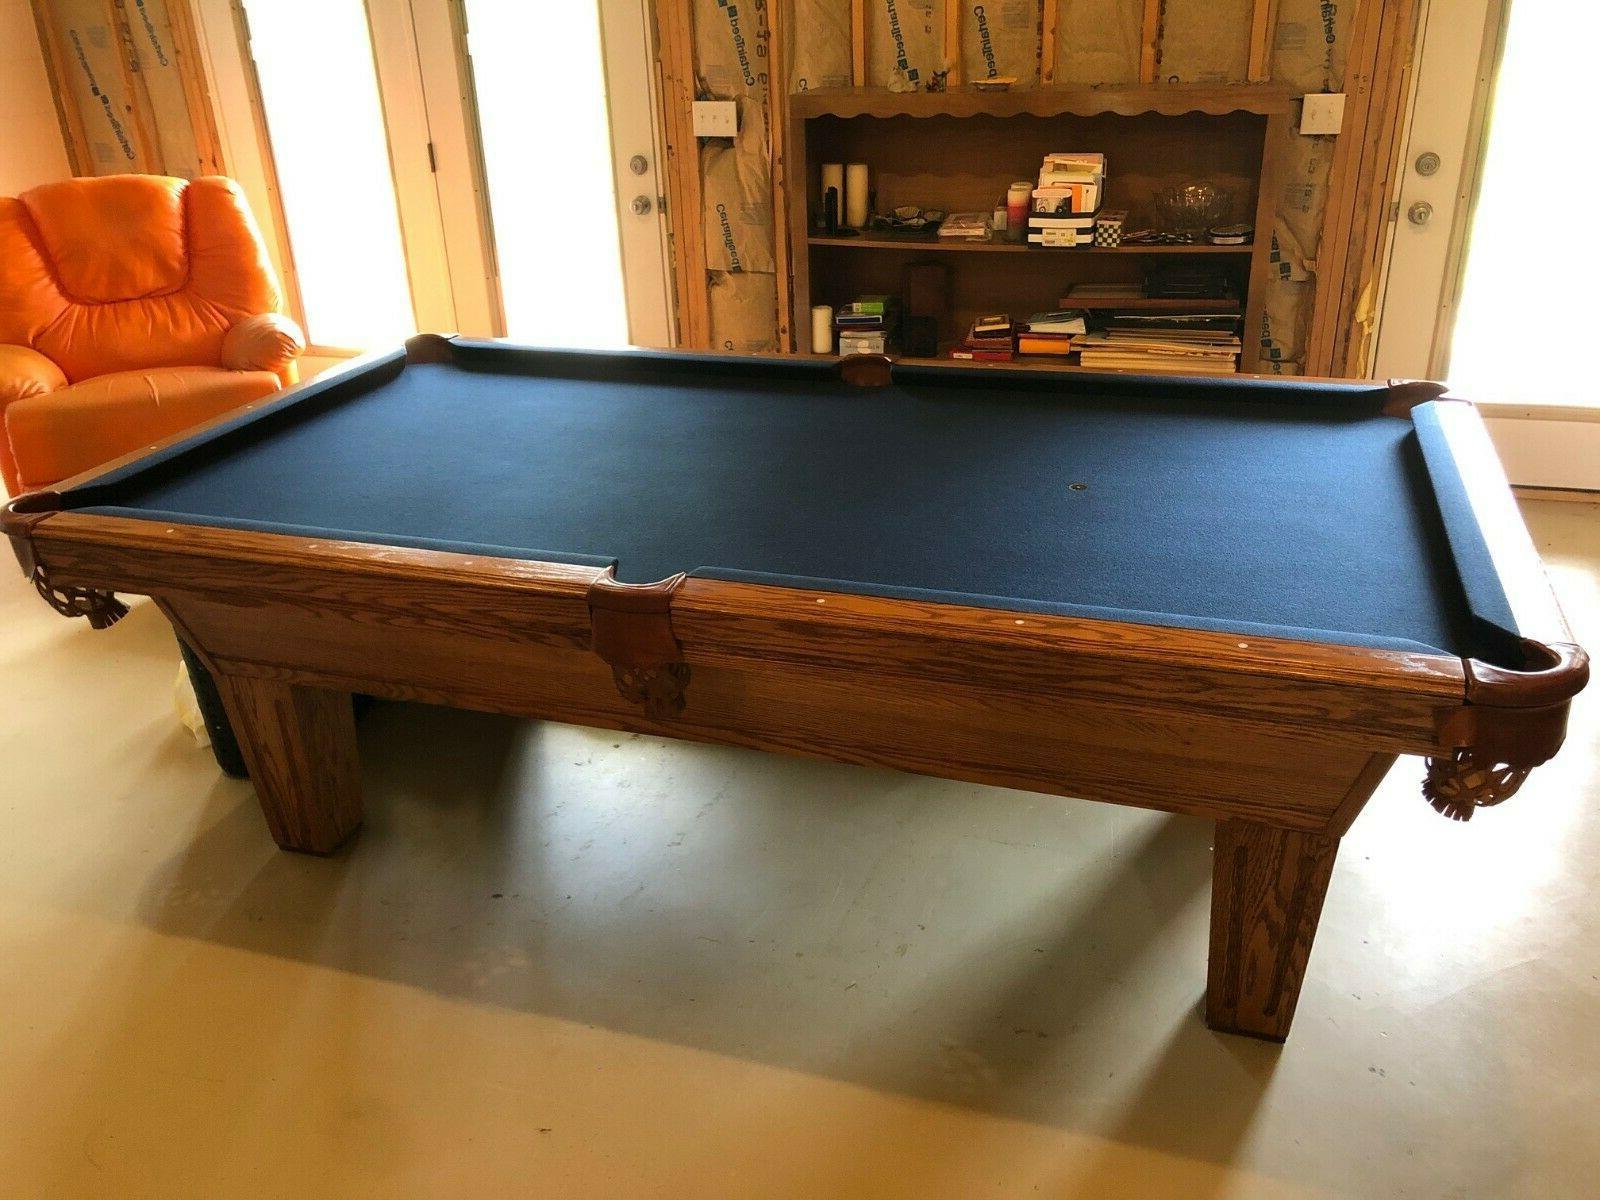 8 keystone oak pool table w accessories